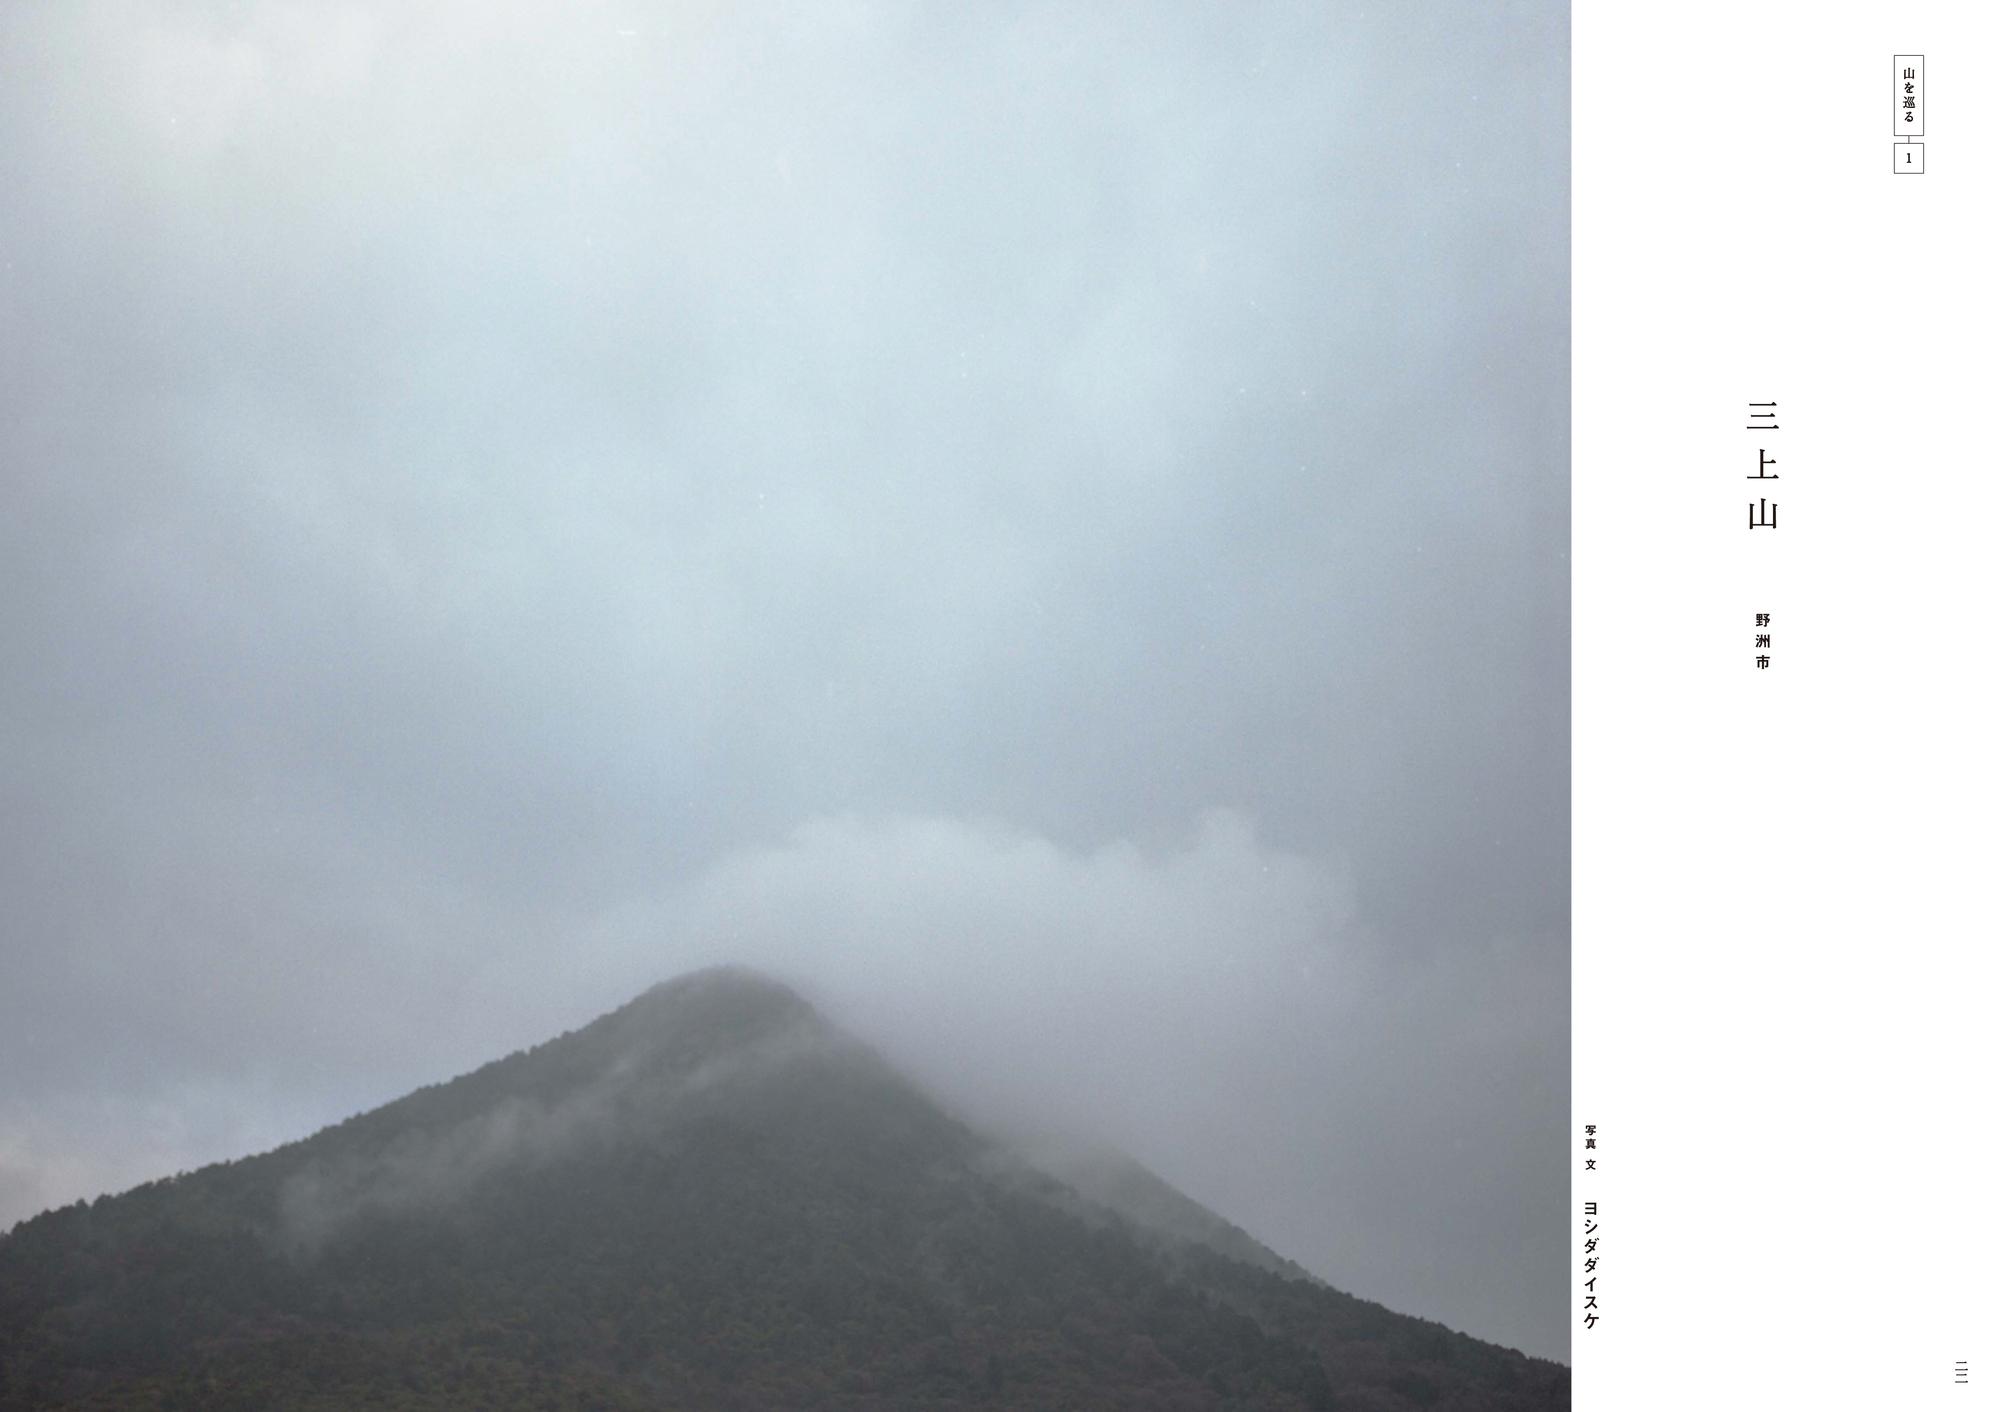 01_滋賀_p22-23[山を巡る/三上山]